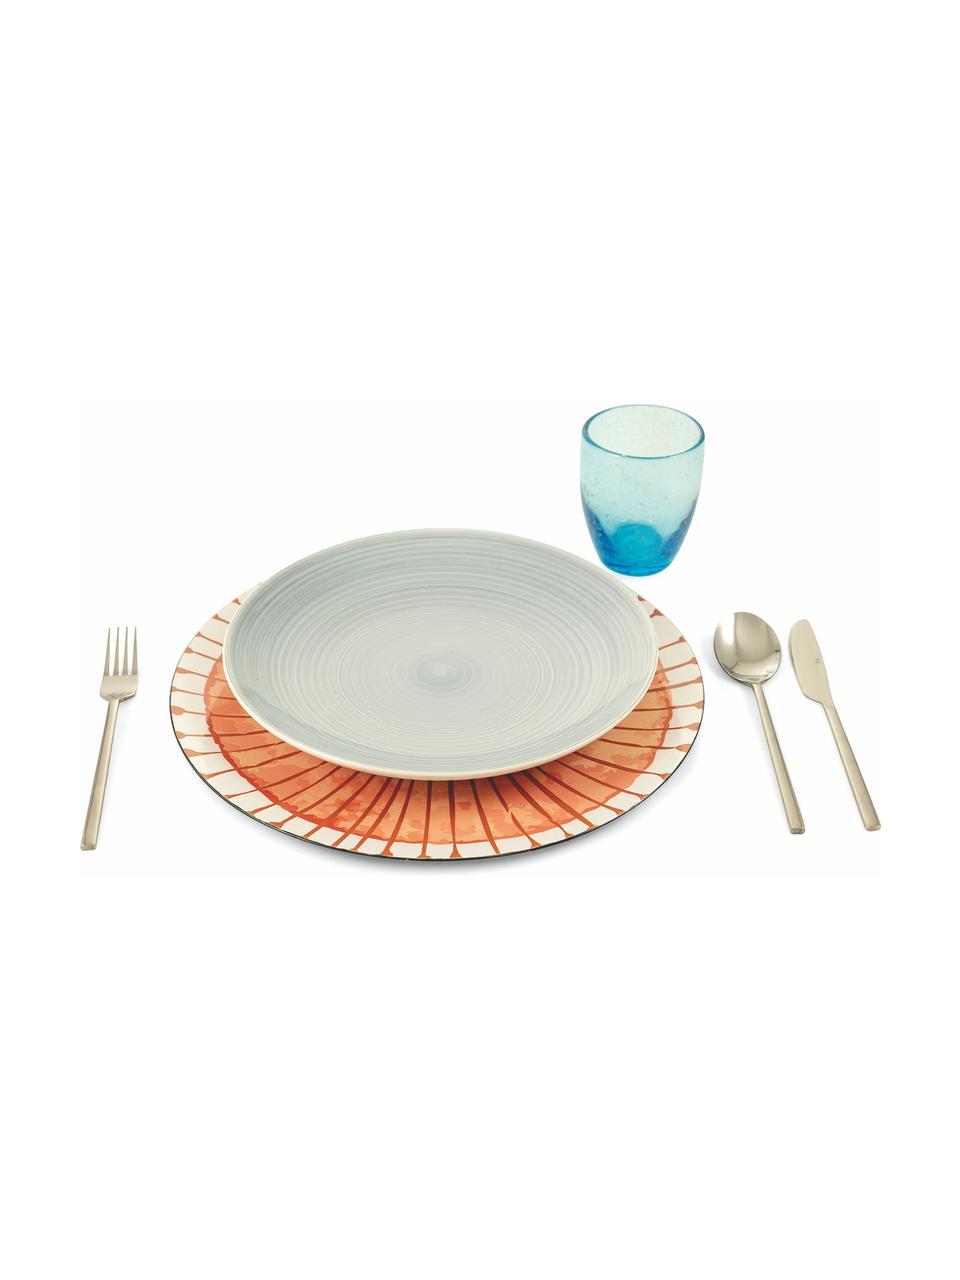 Komplet podstawek pod talerz z tworzywa sztucznego Marea, 6 elem., Tworzywo sztuczne, Niebieski, biały, żółty, zielony, pomarańczowy, Ø 33 cm